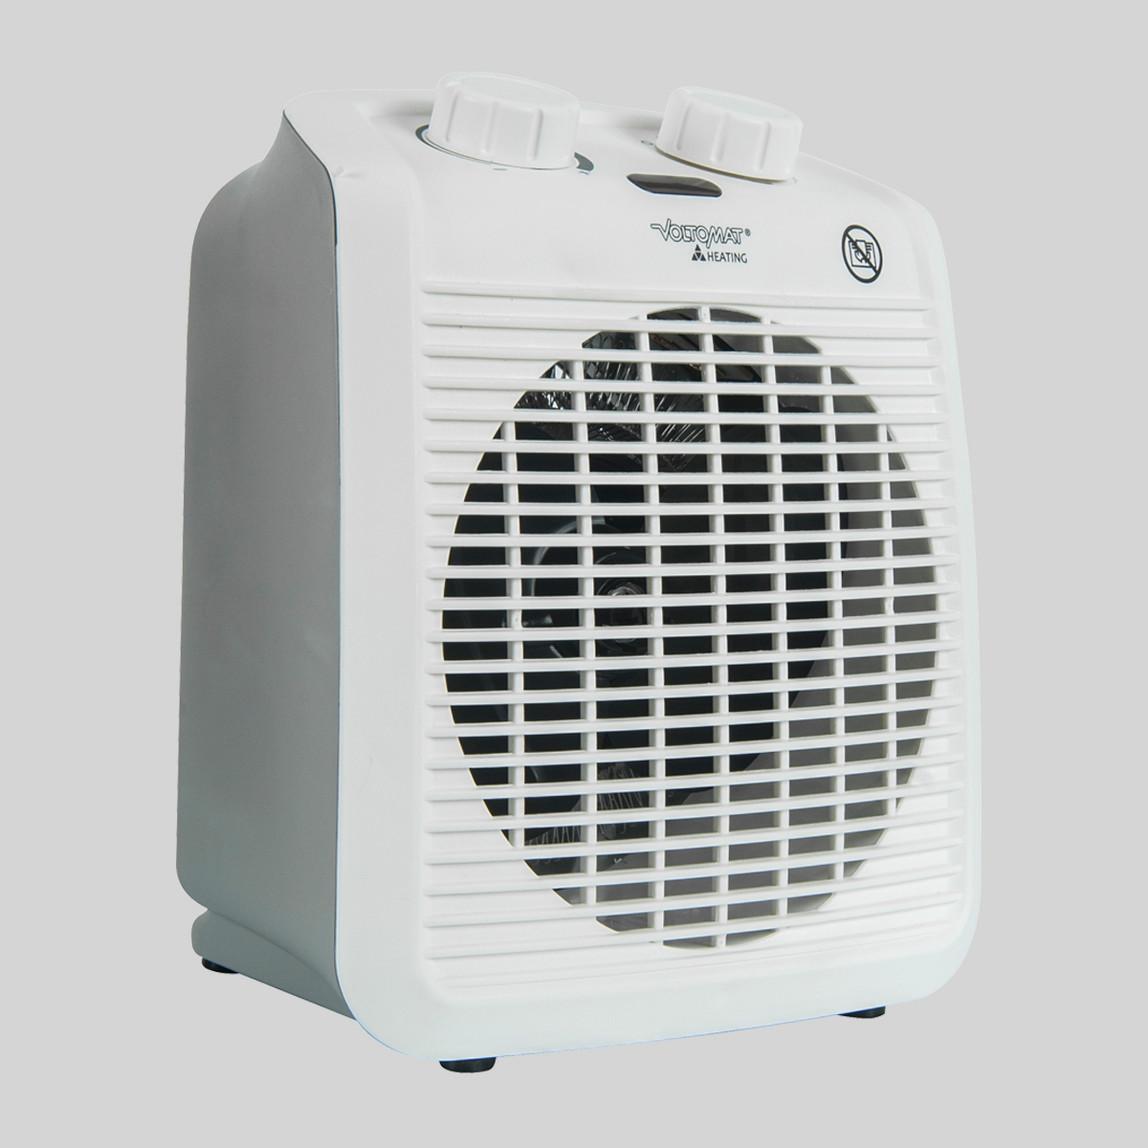 Voltomat 2000W Termostatlı Elektrikli Fanlı Isıtıcı